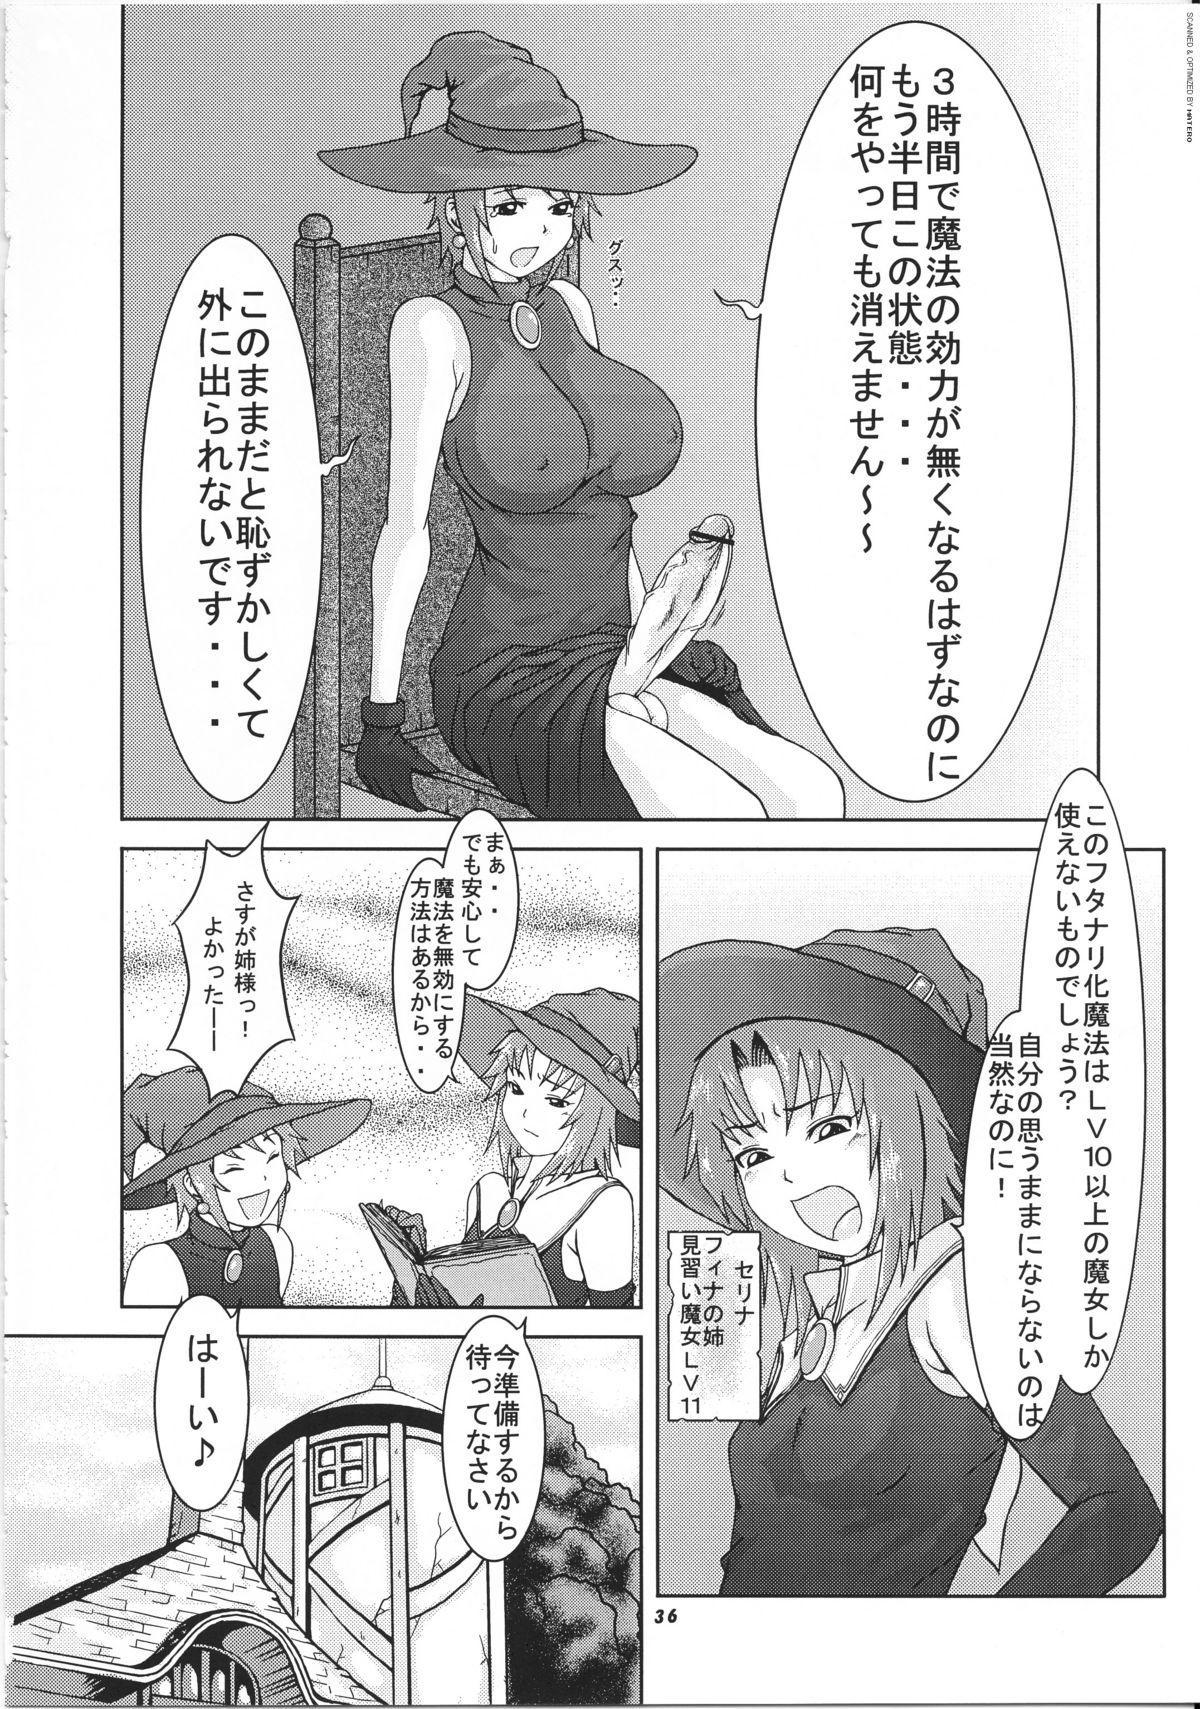 Momo-an 17 35